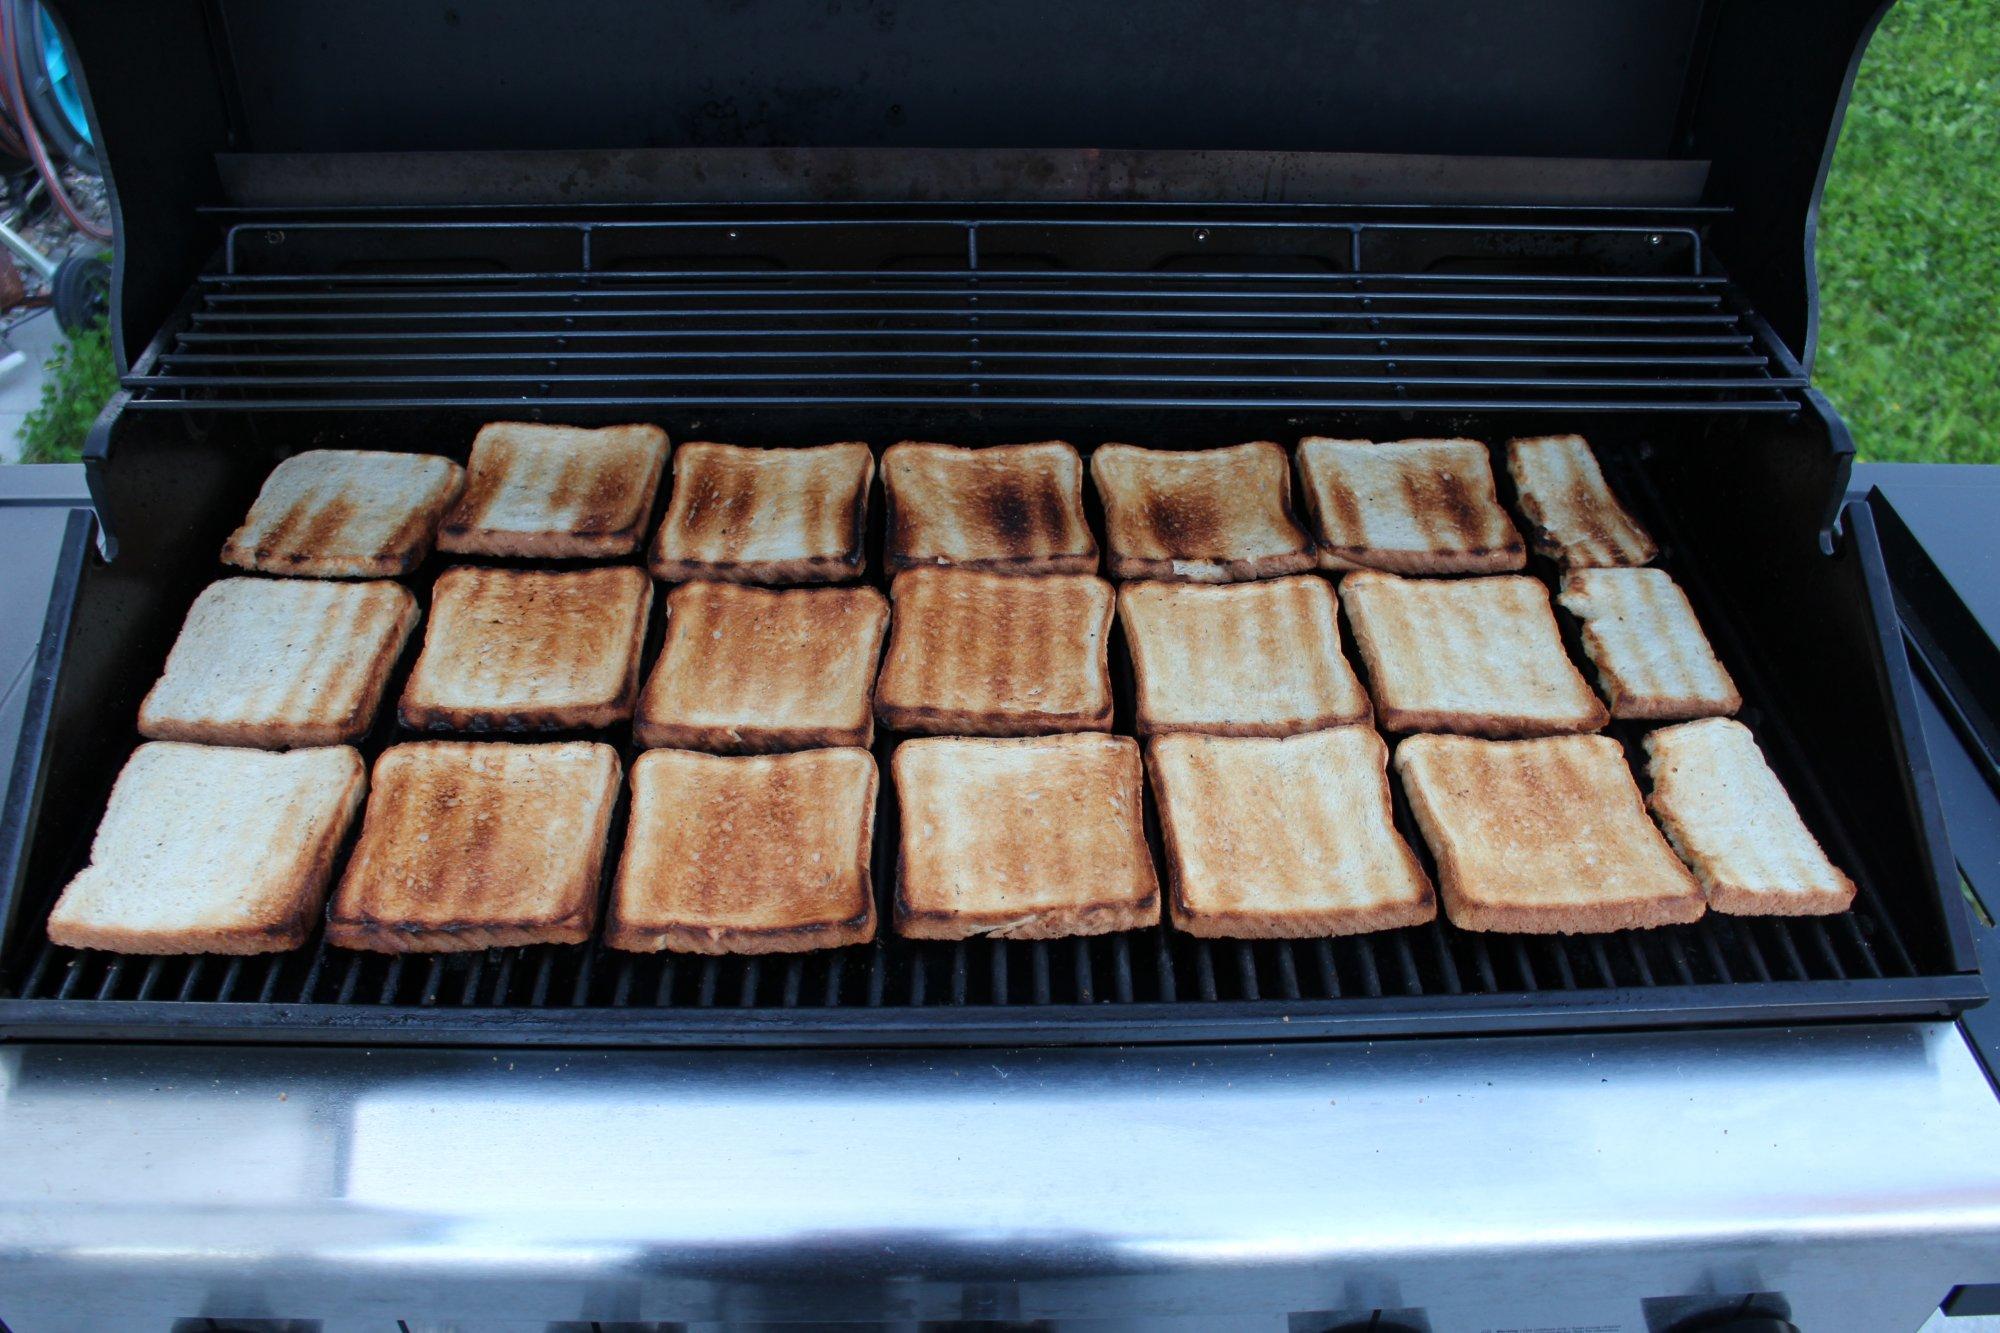 Grandhall Holzkohlegrill Xenon Test : Toastbrottest zur bestimmung der hitzeverteilung beim gasgrill